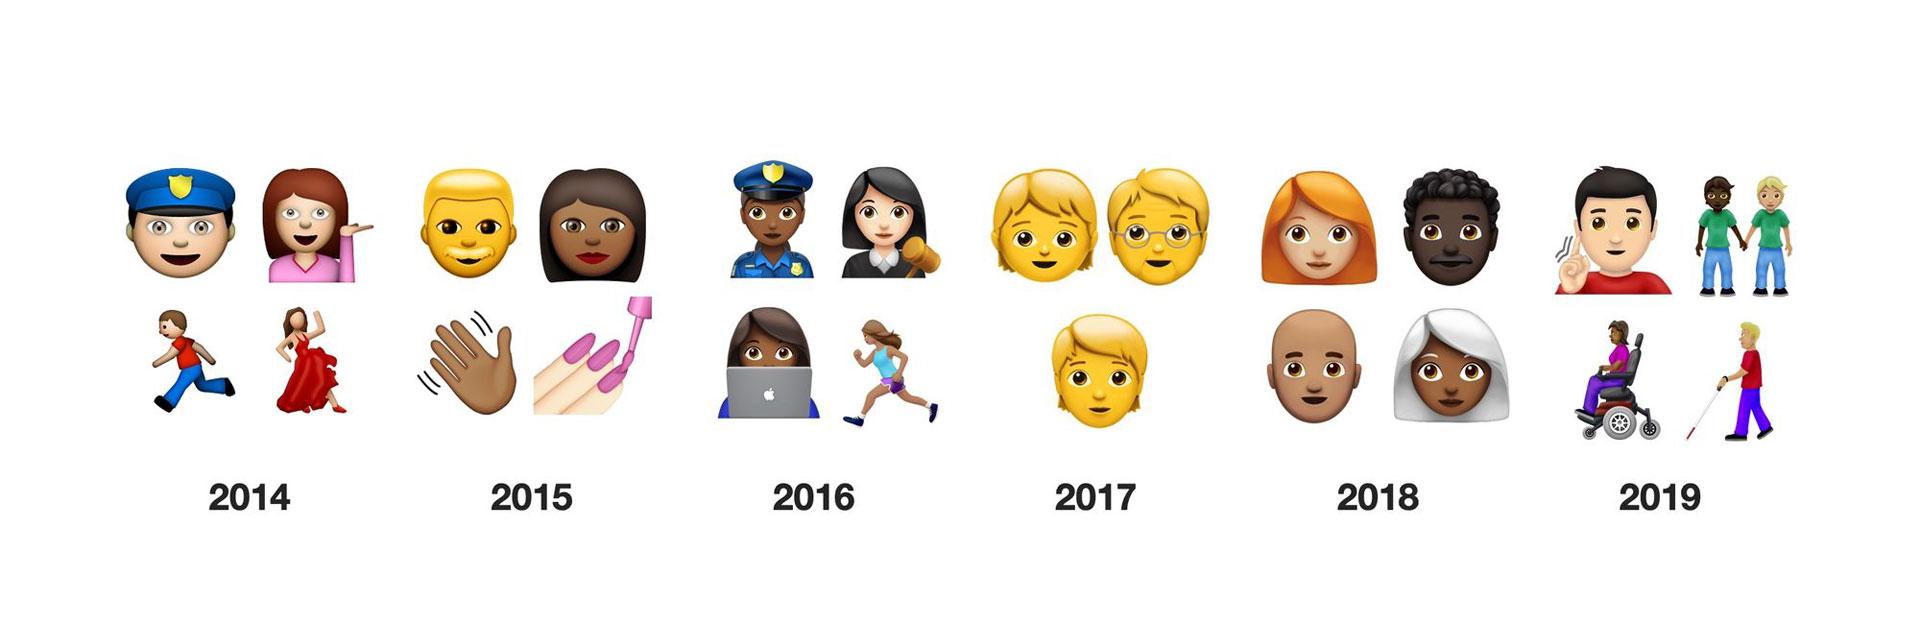 Entwicklung der Emojis seit 2014. Bunter und vielfältiger sind sie geworden. © Emojipedia